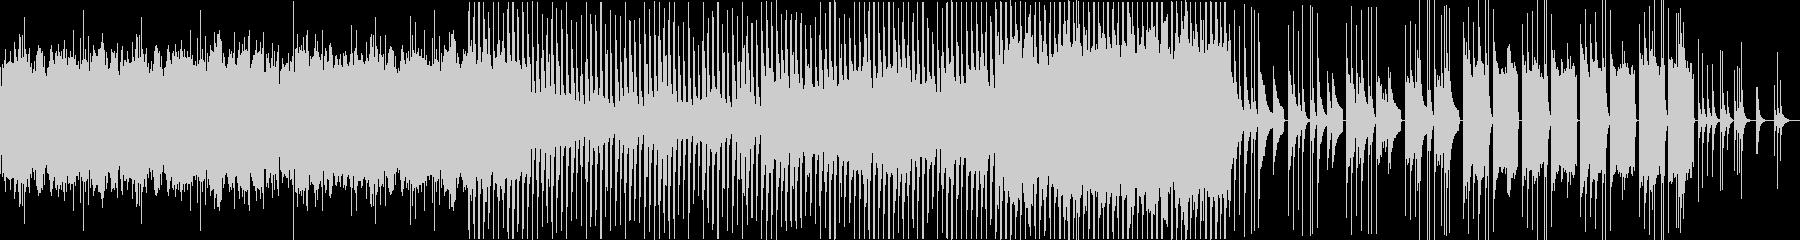 テクスチャー魔法鉄琴よるファンタジー曲の未再生の波形